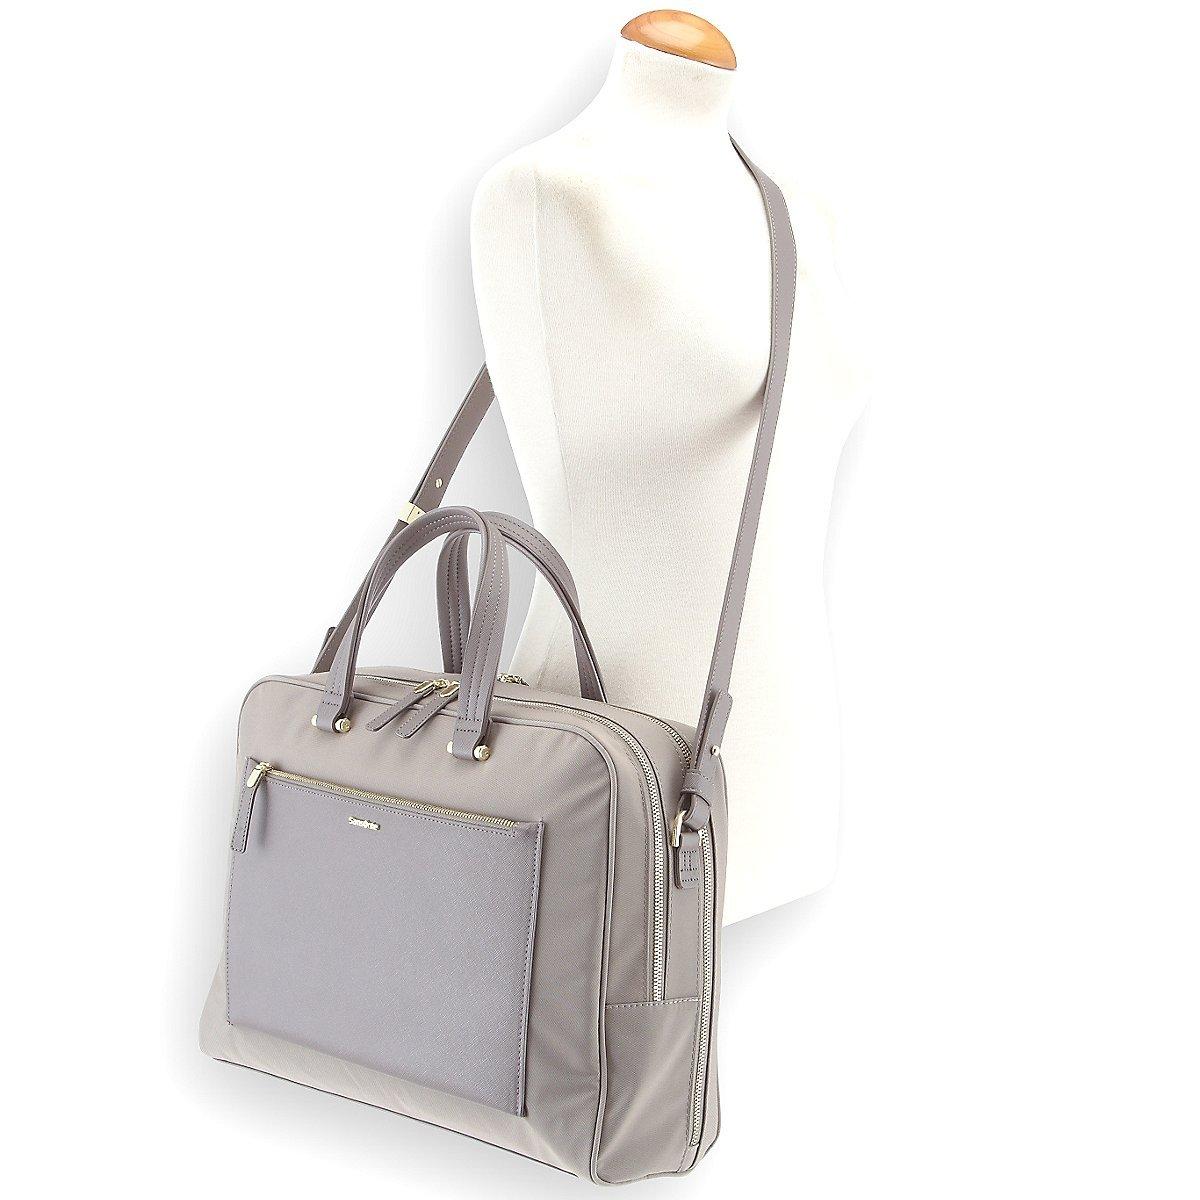 Samsonite Briefcase 15.5 Liters Beige 74557//1030 42 cm